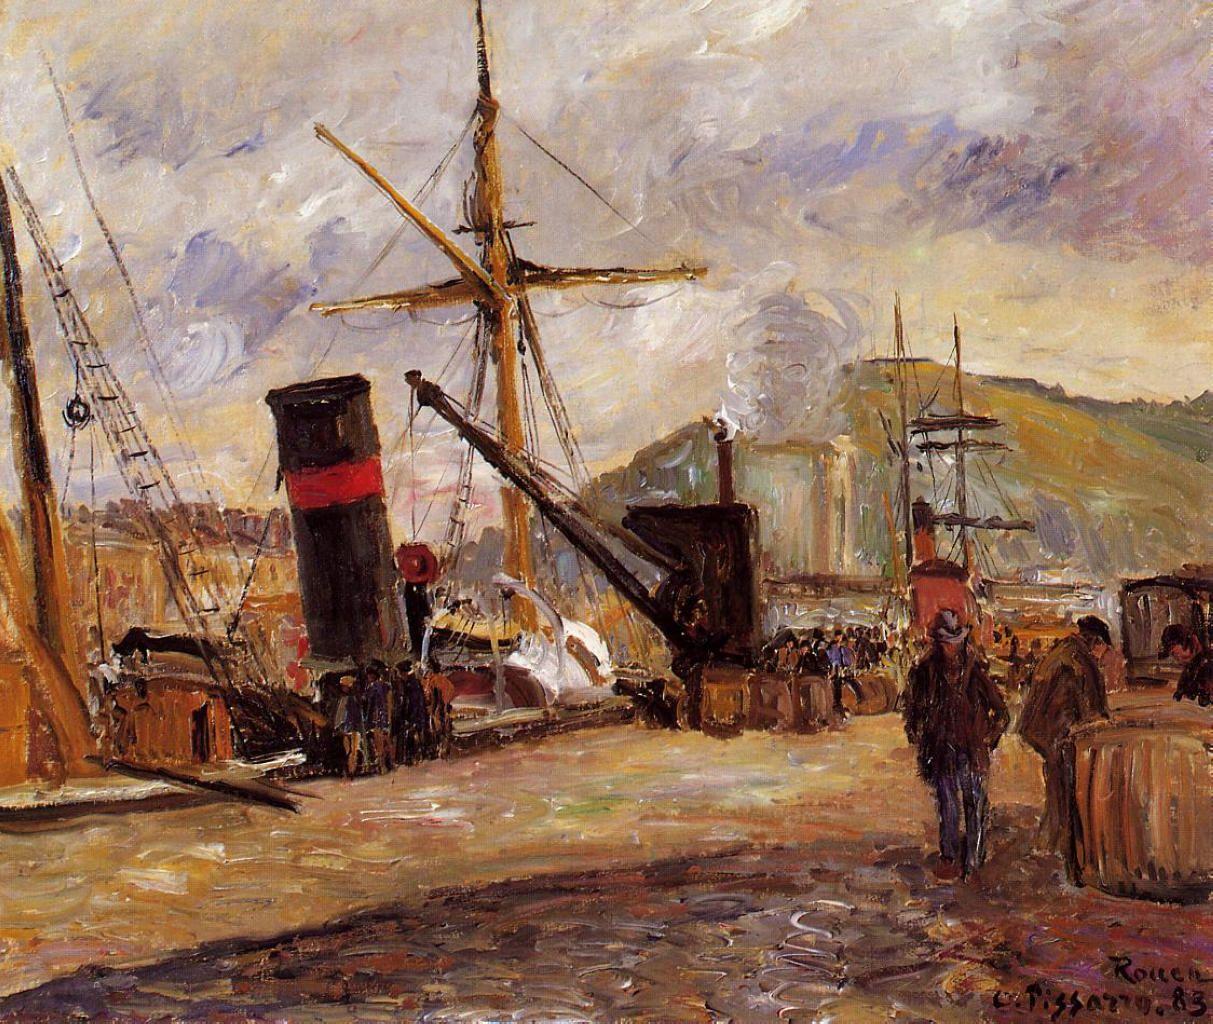 Steamboats - Camille Pissarro, 1883